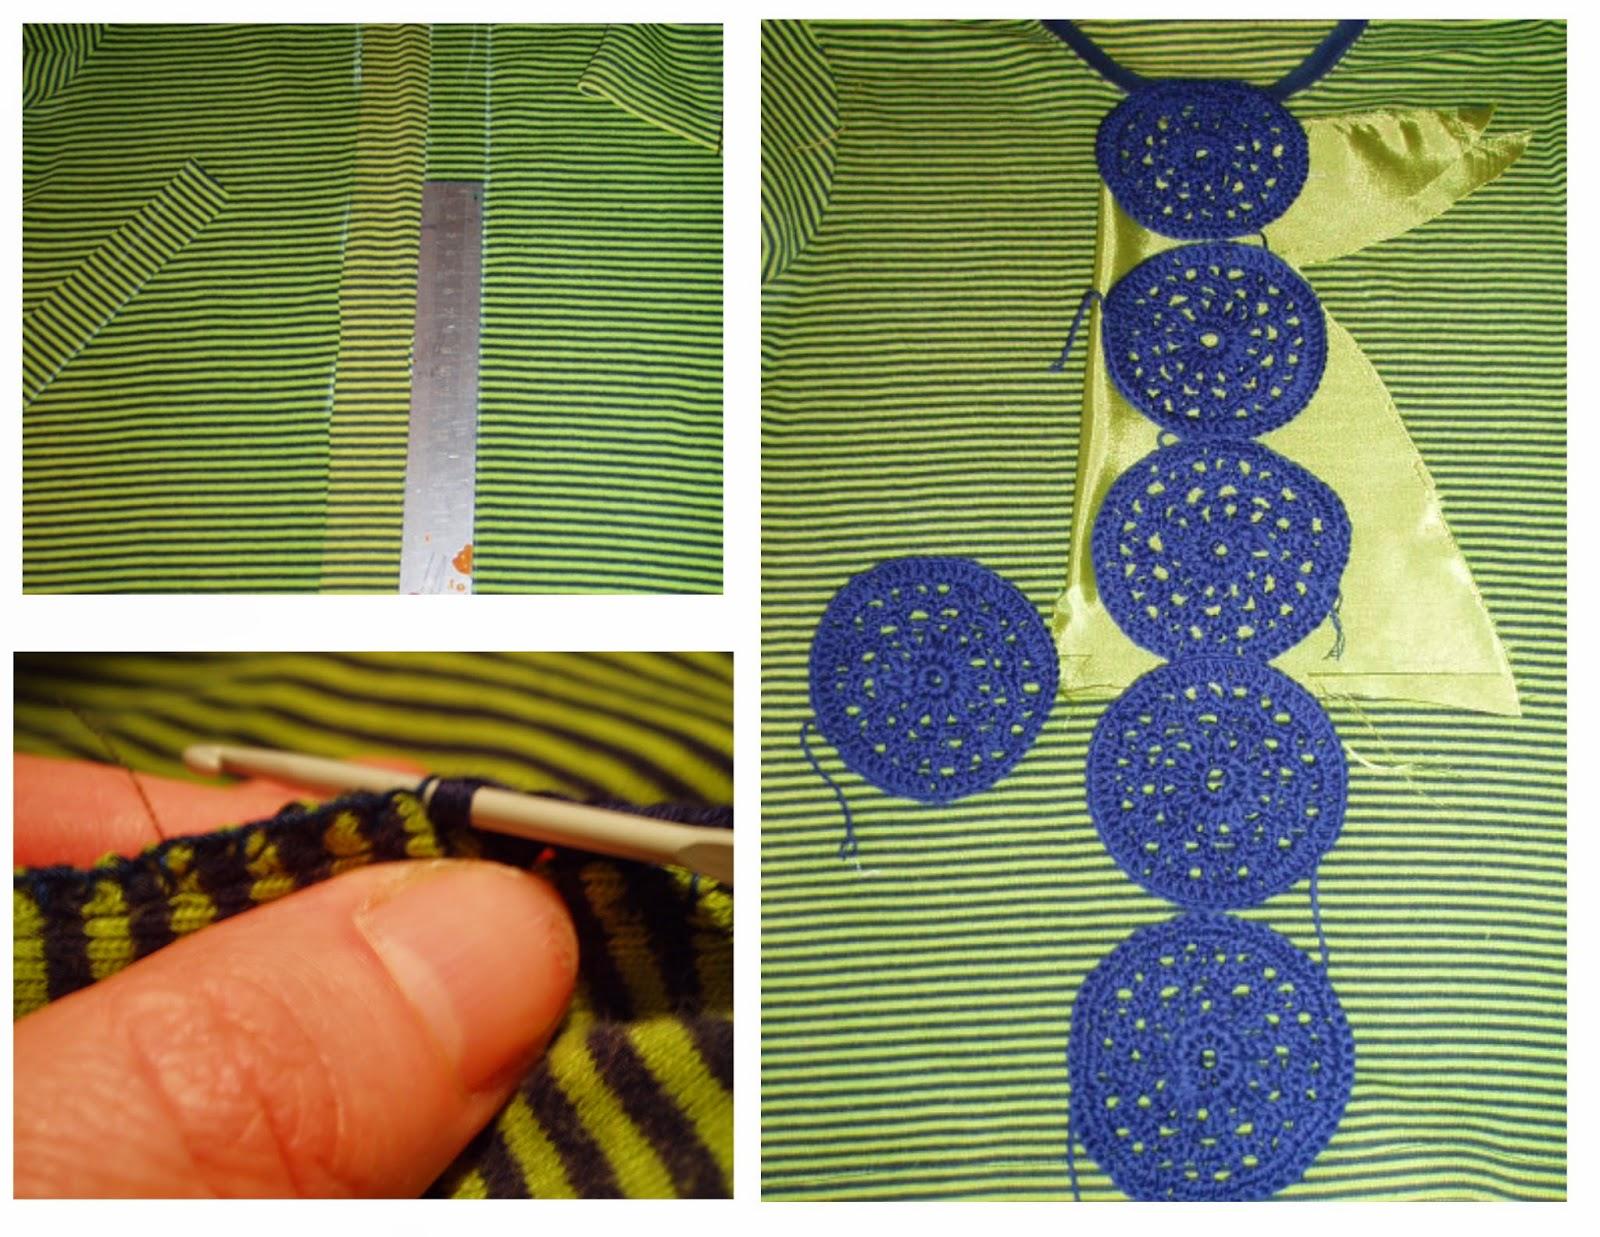 upcycle tee shirt crochet panel